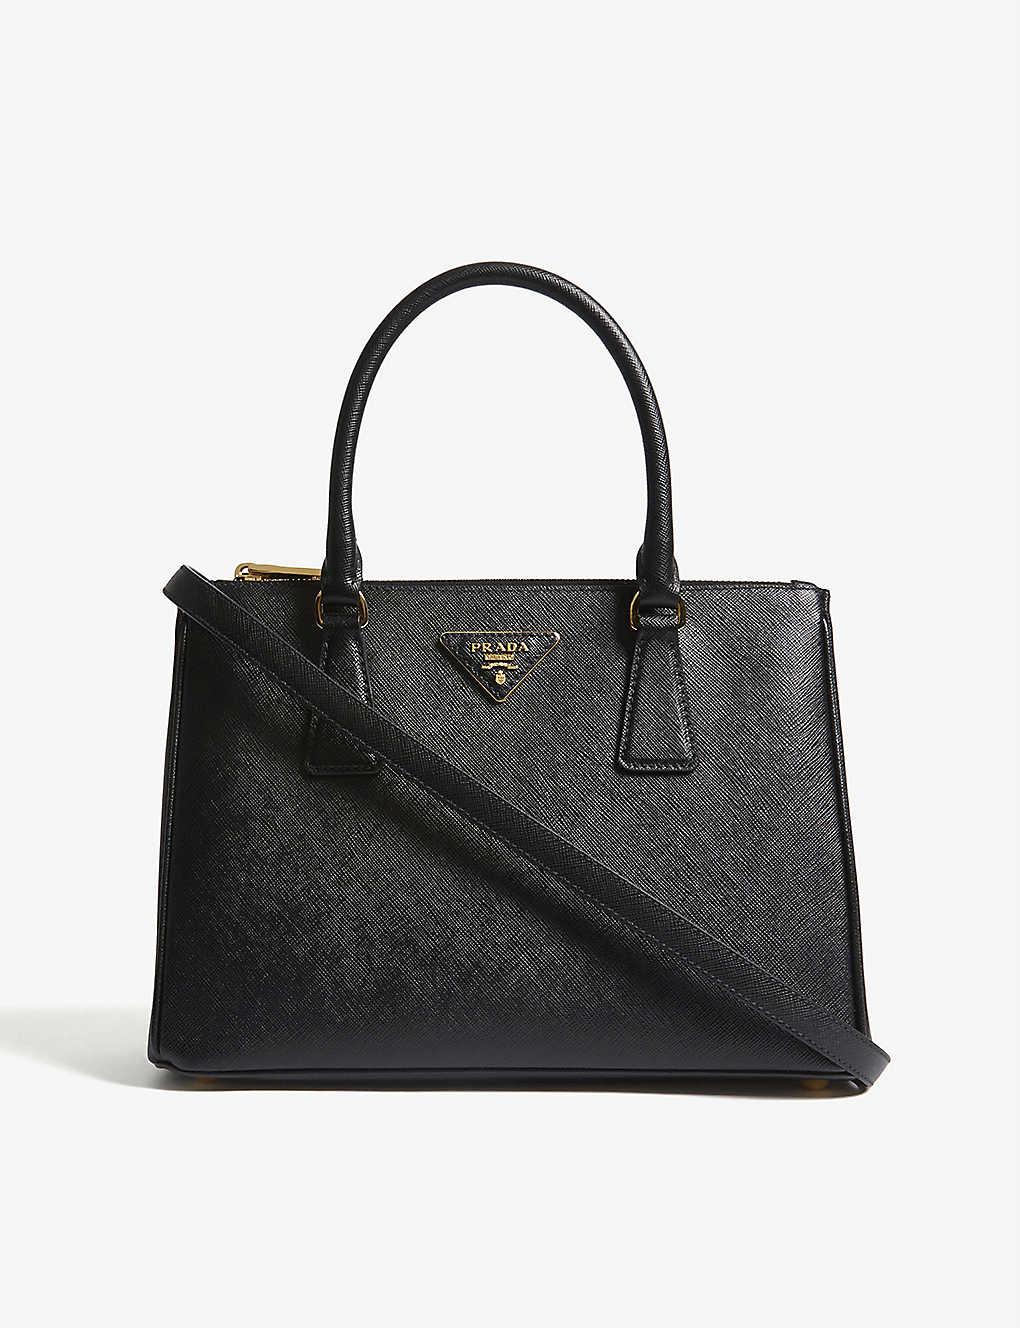 a44130cb1 PRADA - Galleria medium leather tote | Selfridges.com